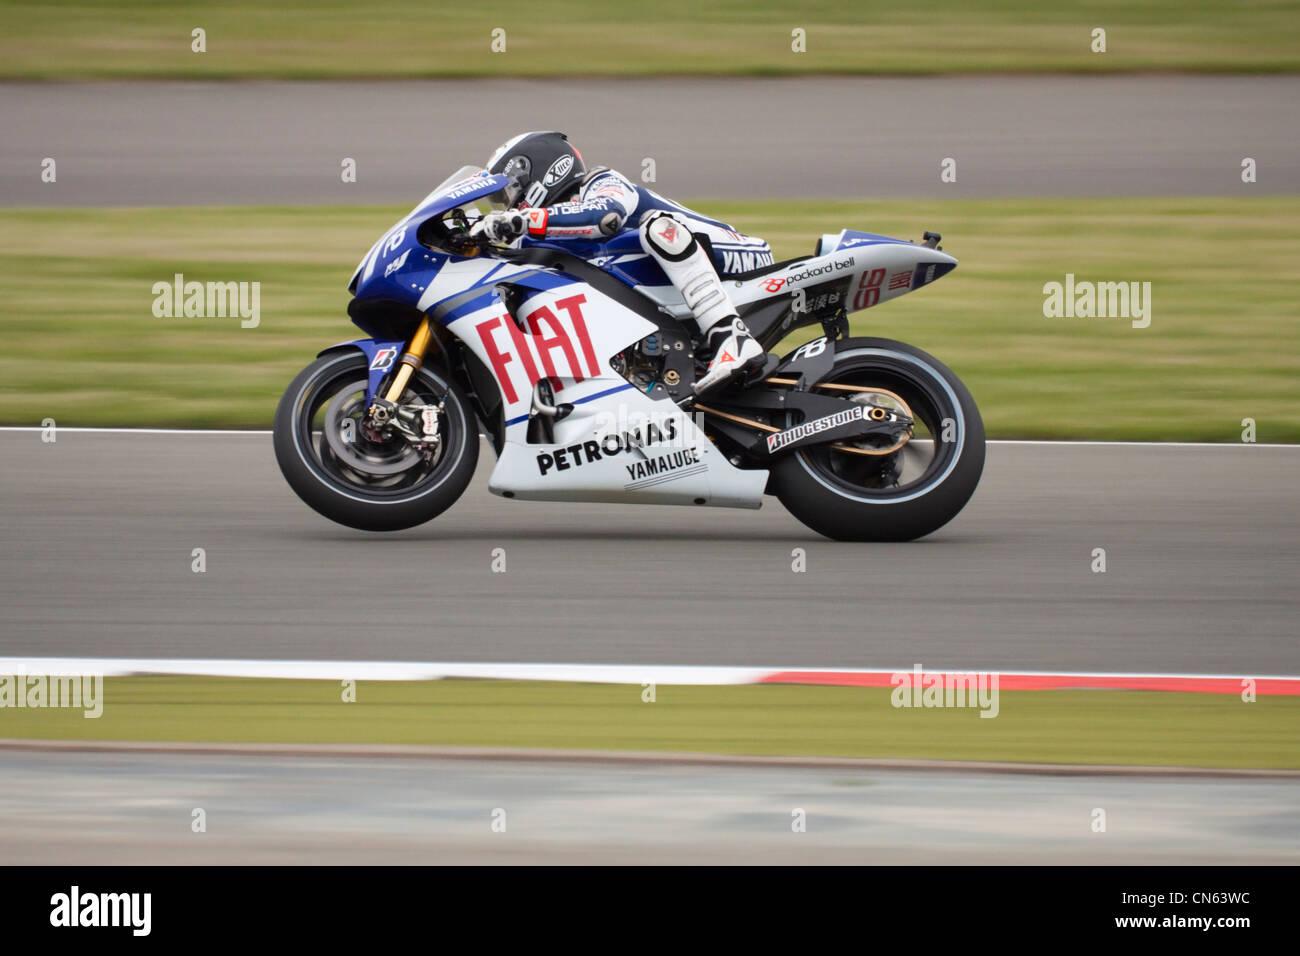 MotoGP 2010 Stock Photo